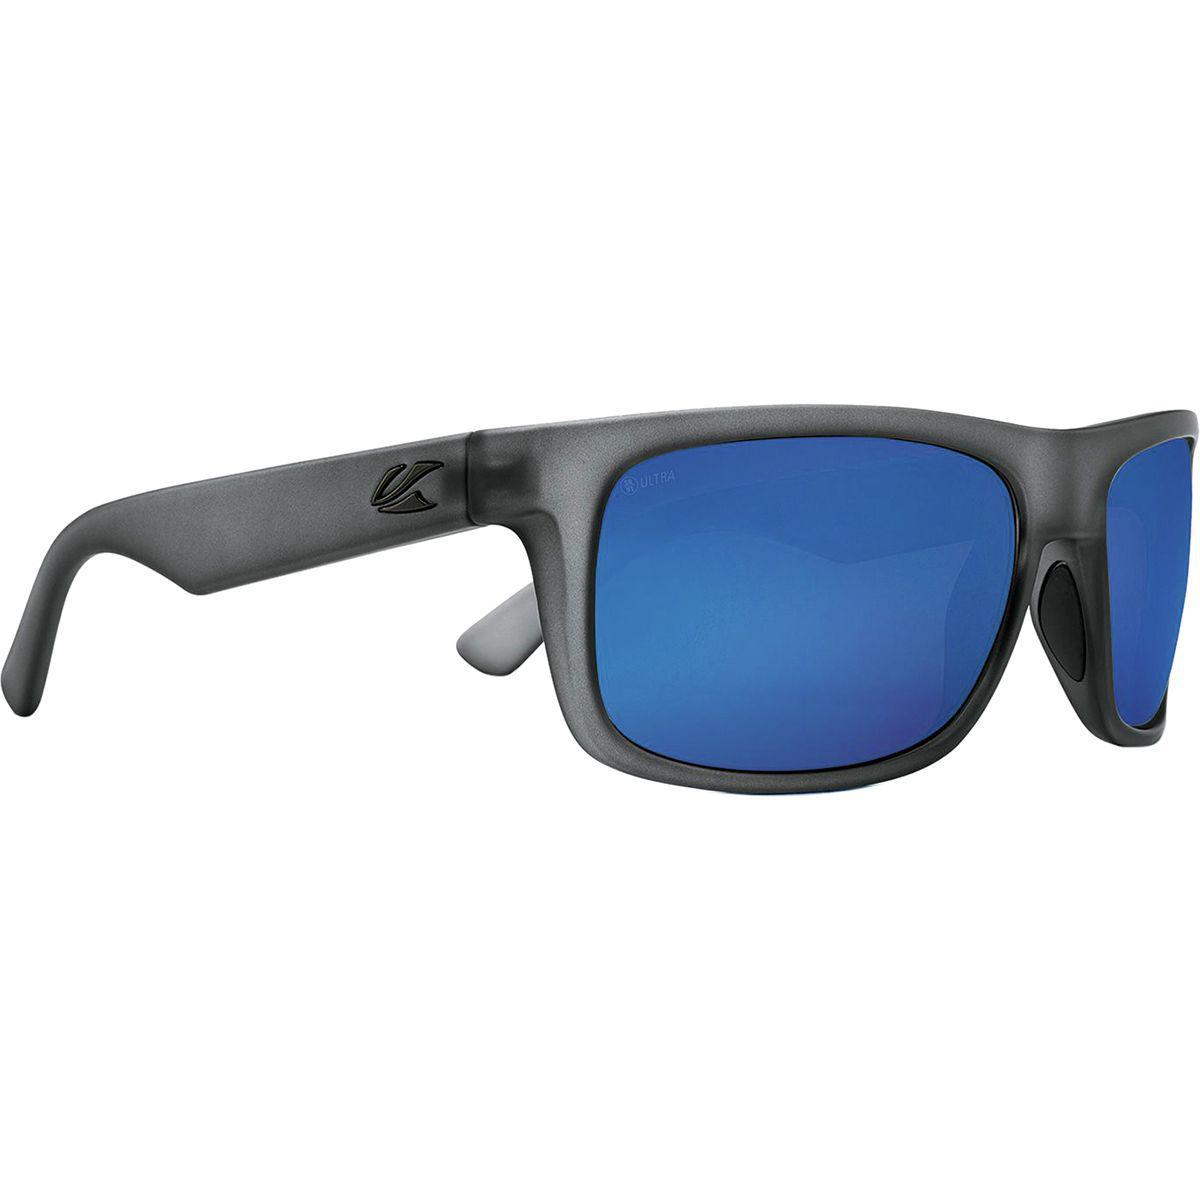 7ed0e17d14af Lyst - Kaenon Burnet Mid Ultra Polarized Sunglasses in Blue for Men